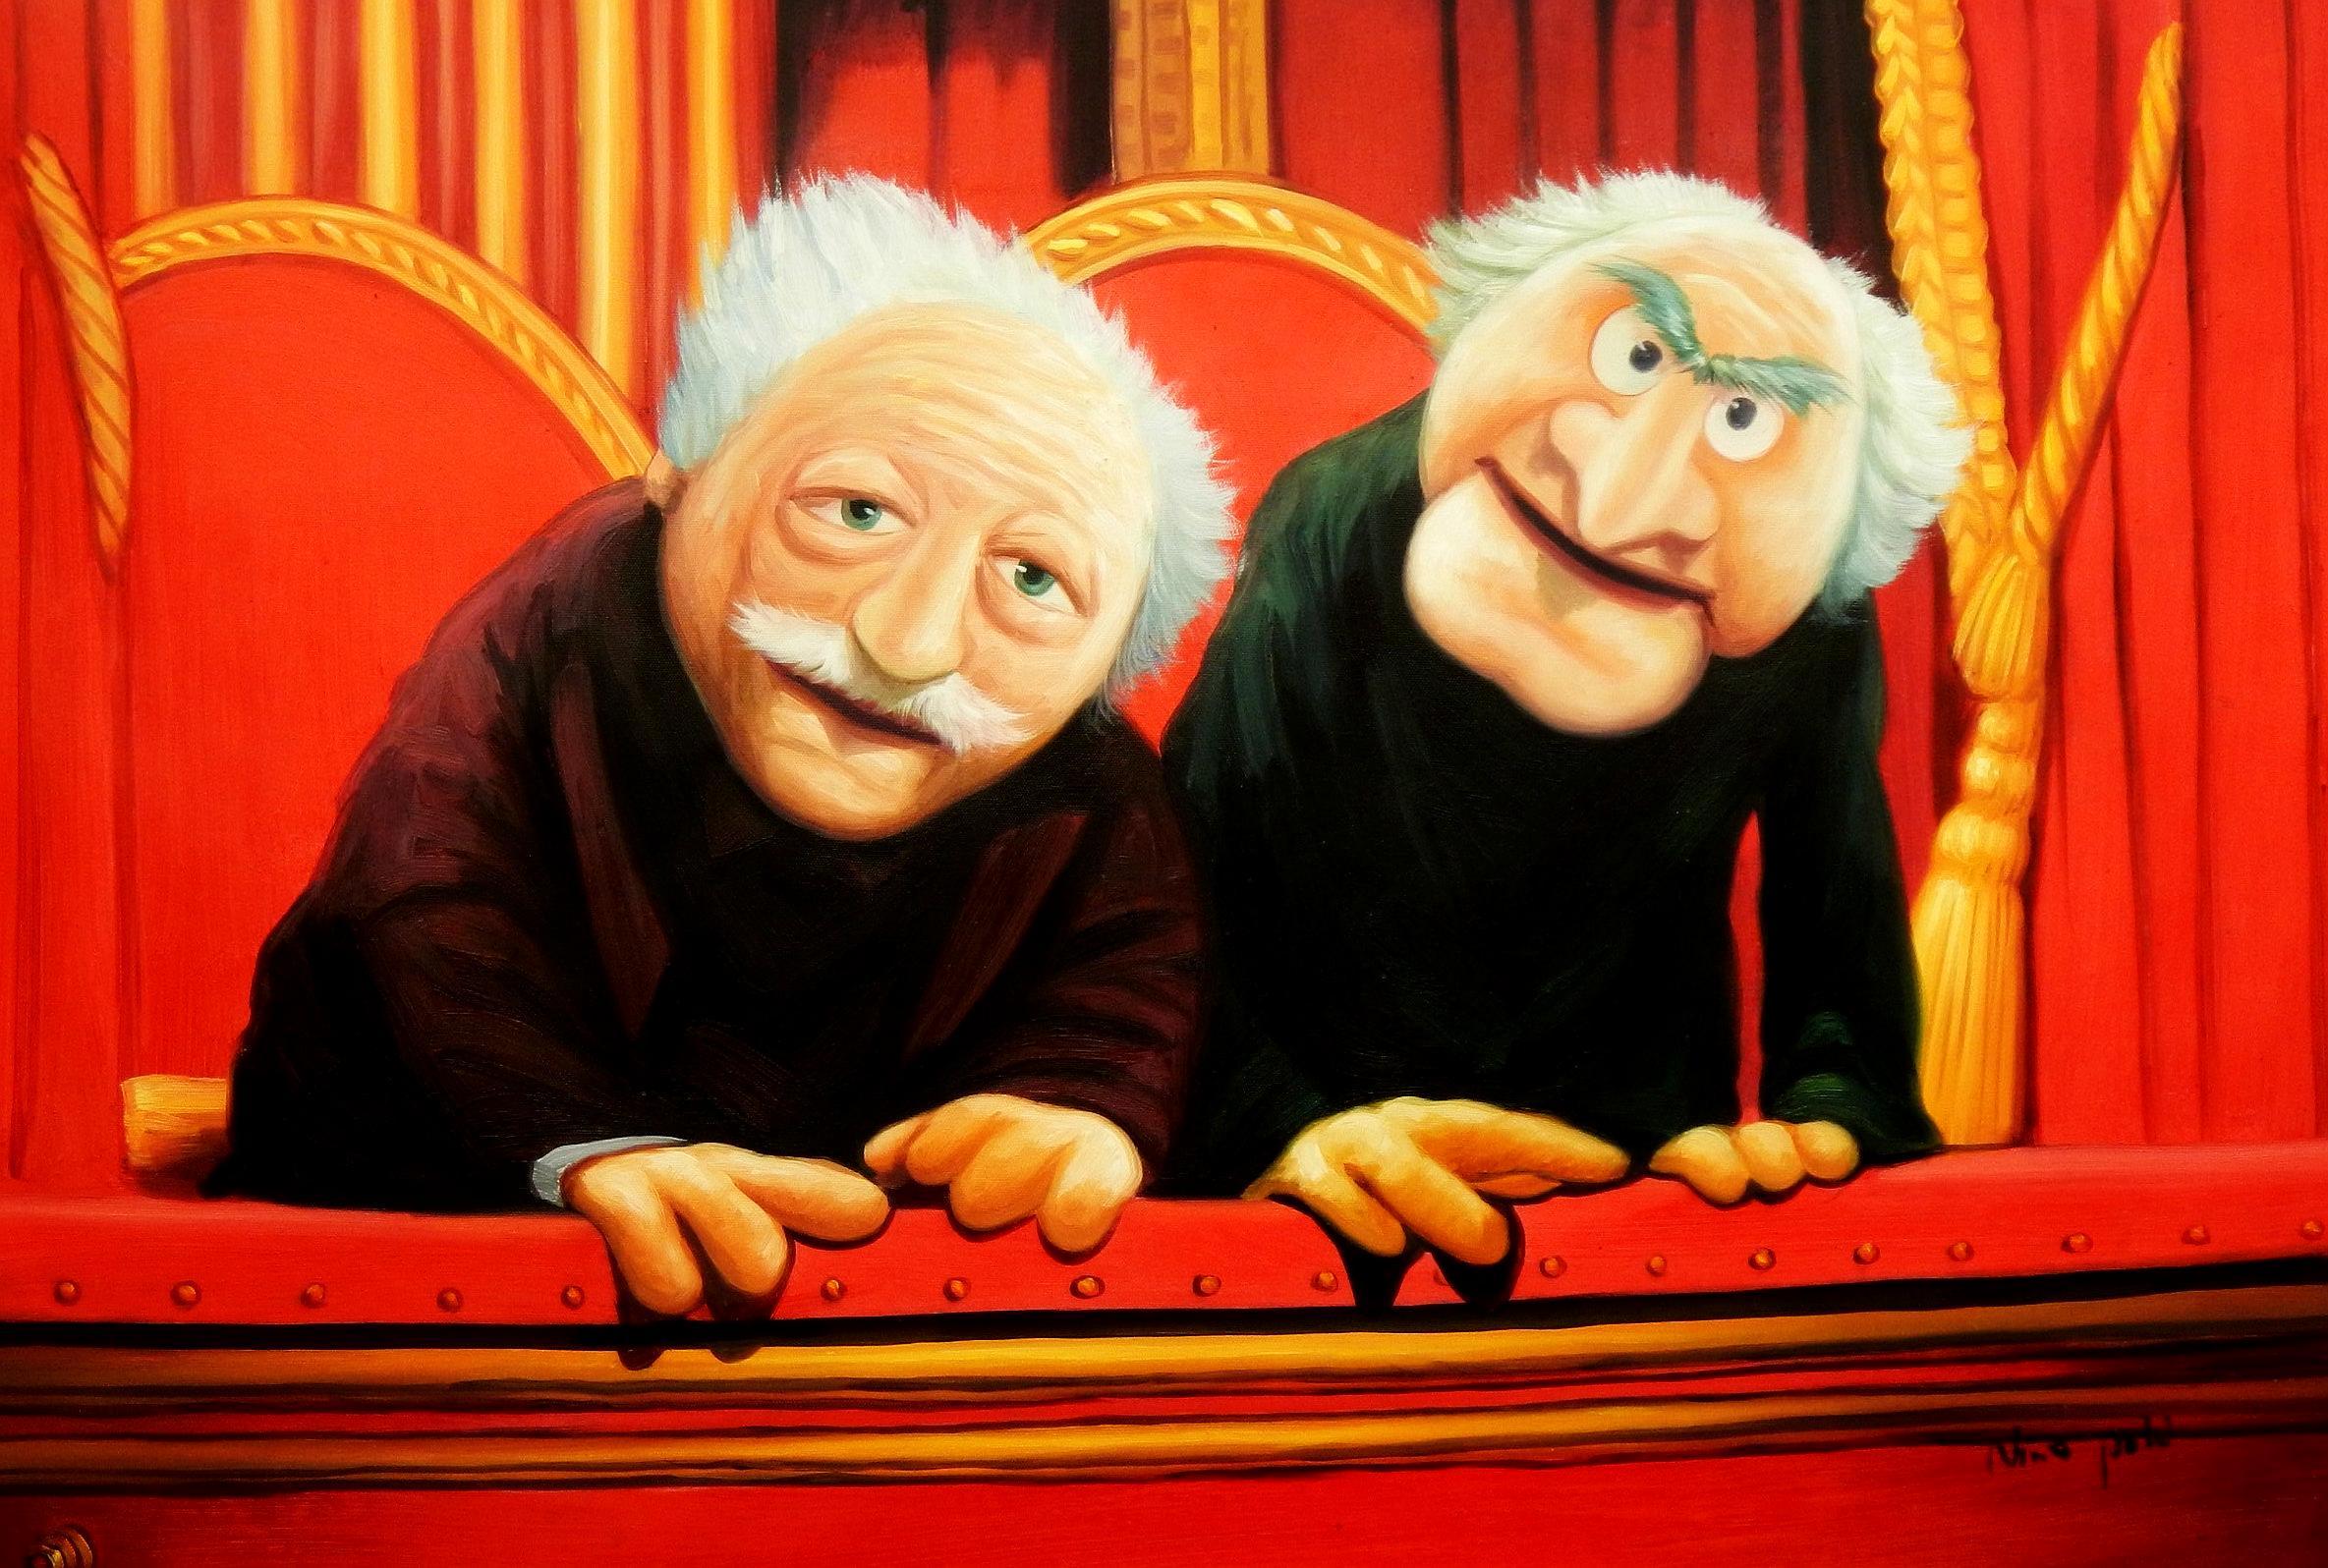 Muppet Opas Waldorf & Statler Pop Art d94601 60x90cm großartiges Ölbild